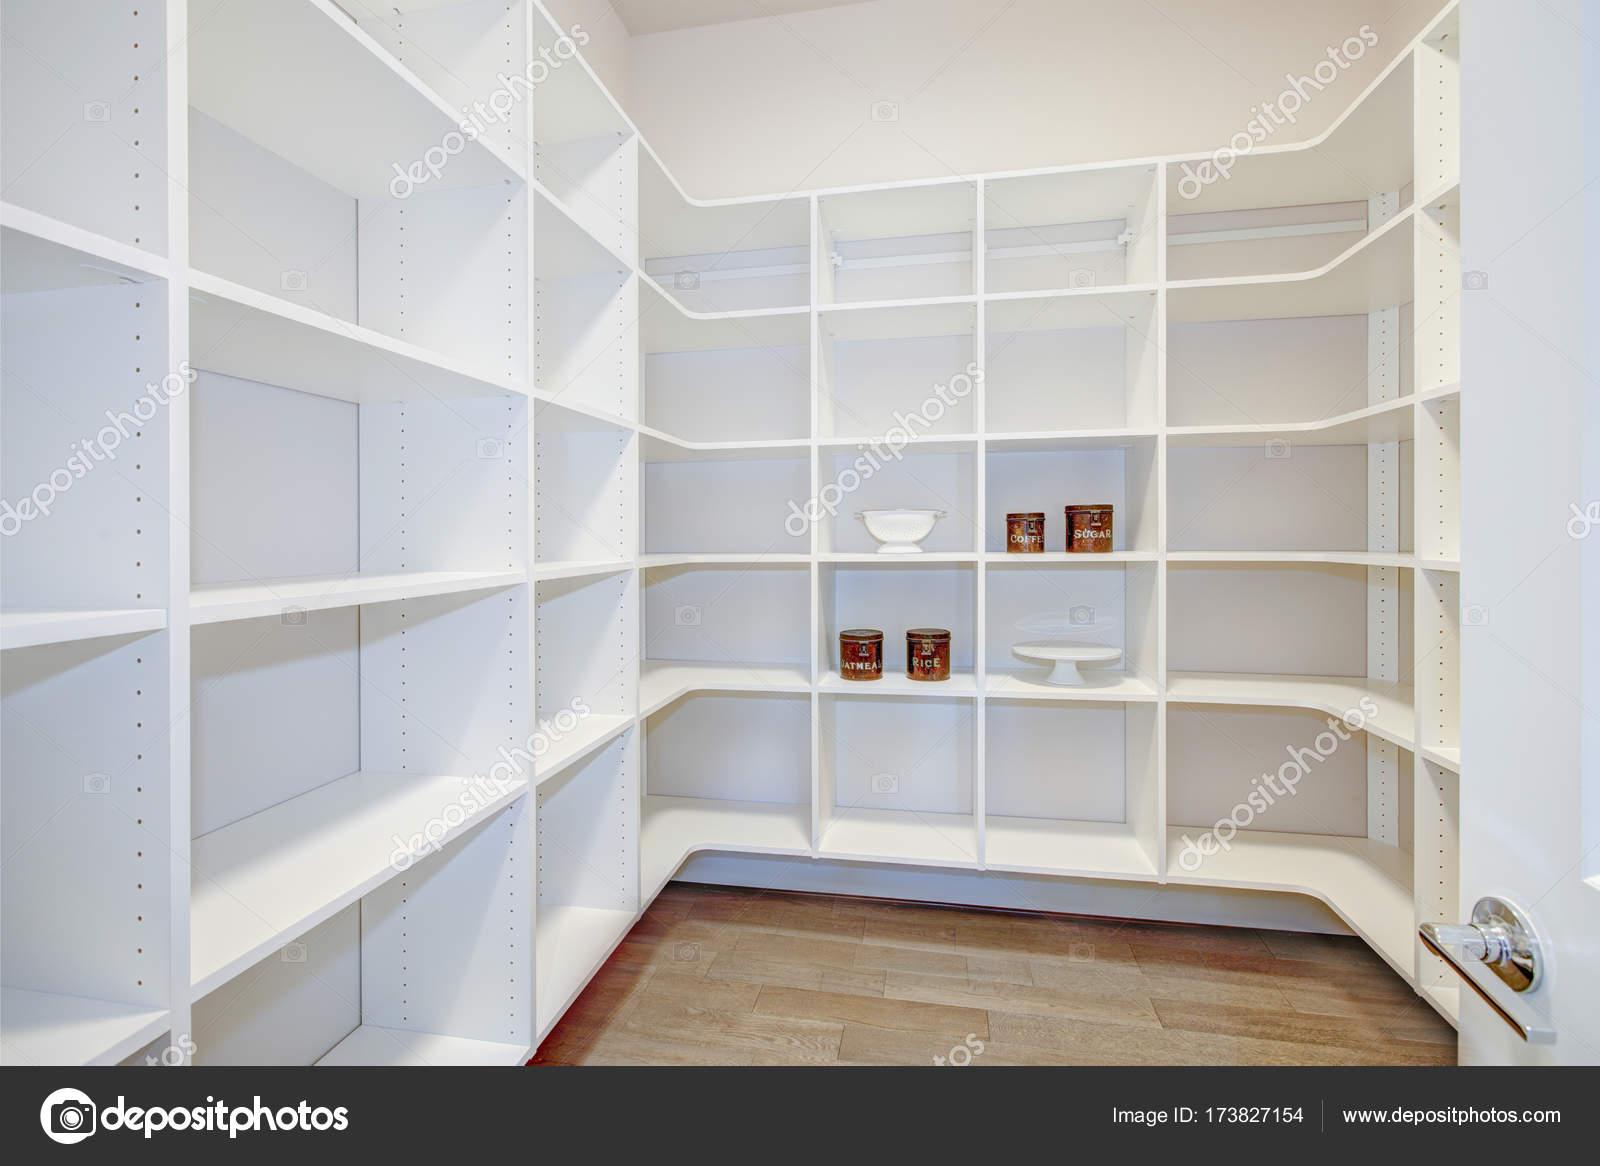 Speisekammer Interieur mit leeren Regalen in ein neues Zuhause ...